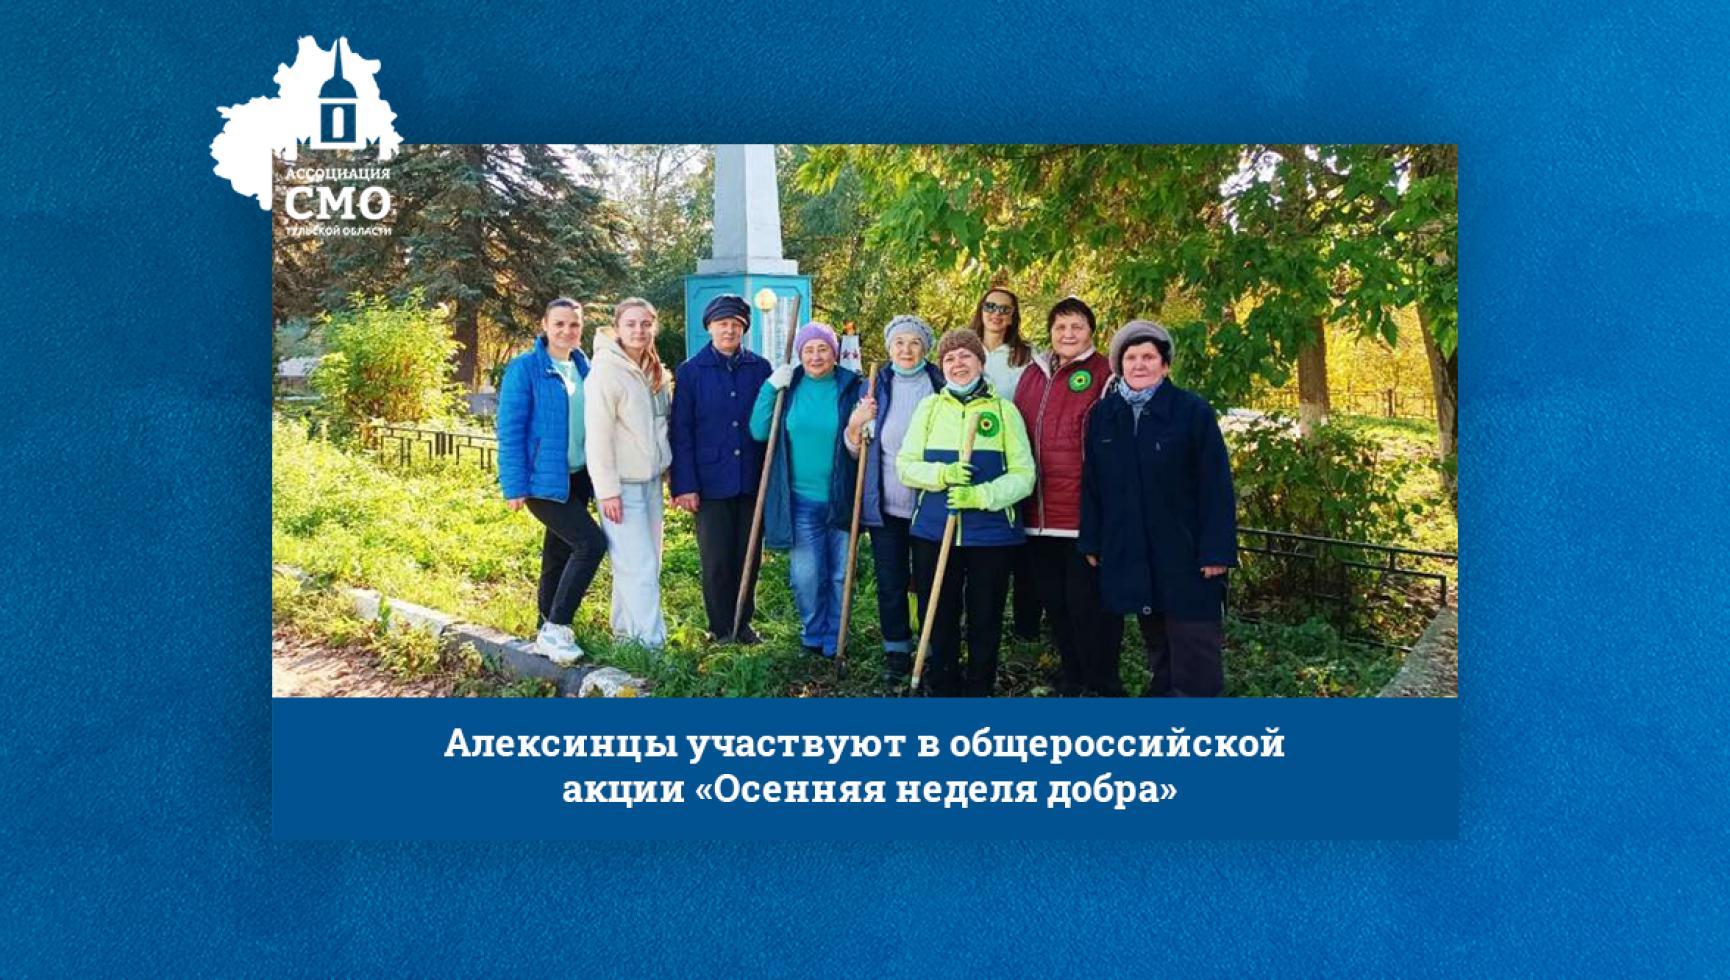 Алексинцы участвуют в общероссийской акции «Осенняя неделя добра»